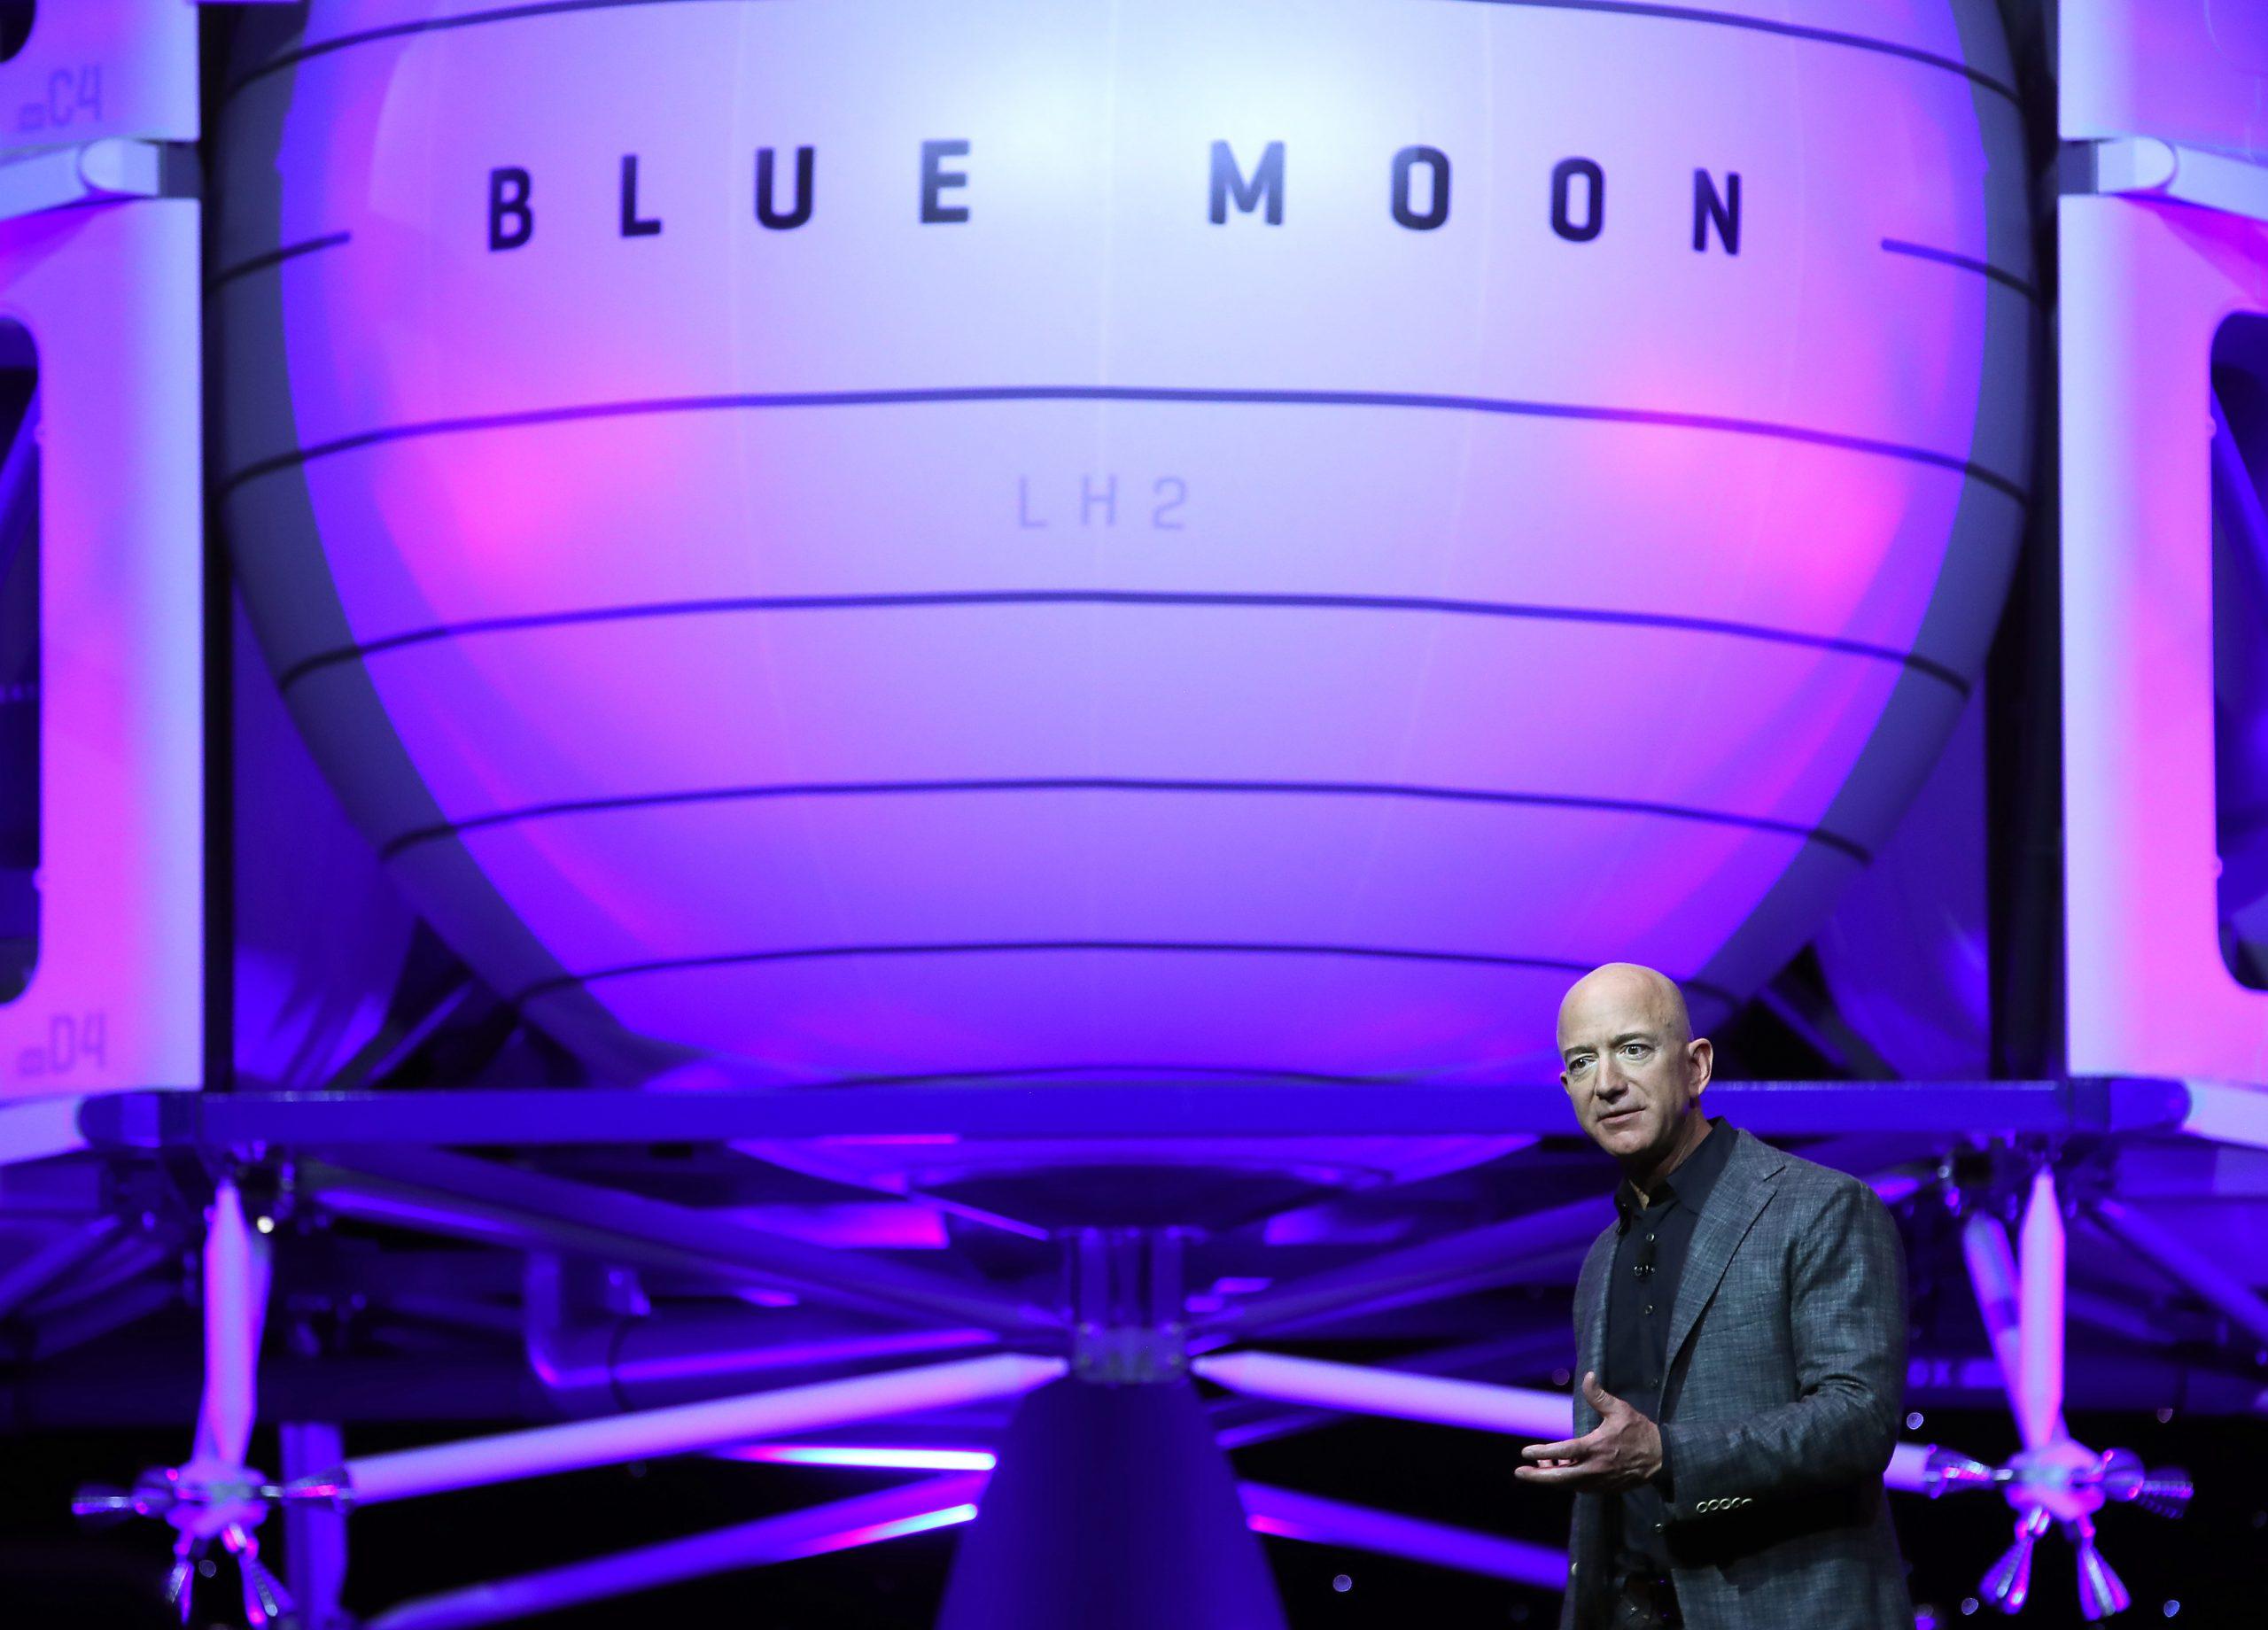 Jeff Bezos viajará al espacio en el primer vuelo tripulado de Blue Origins